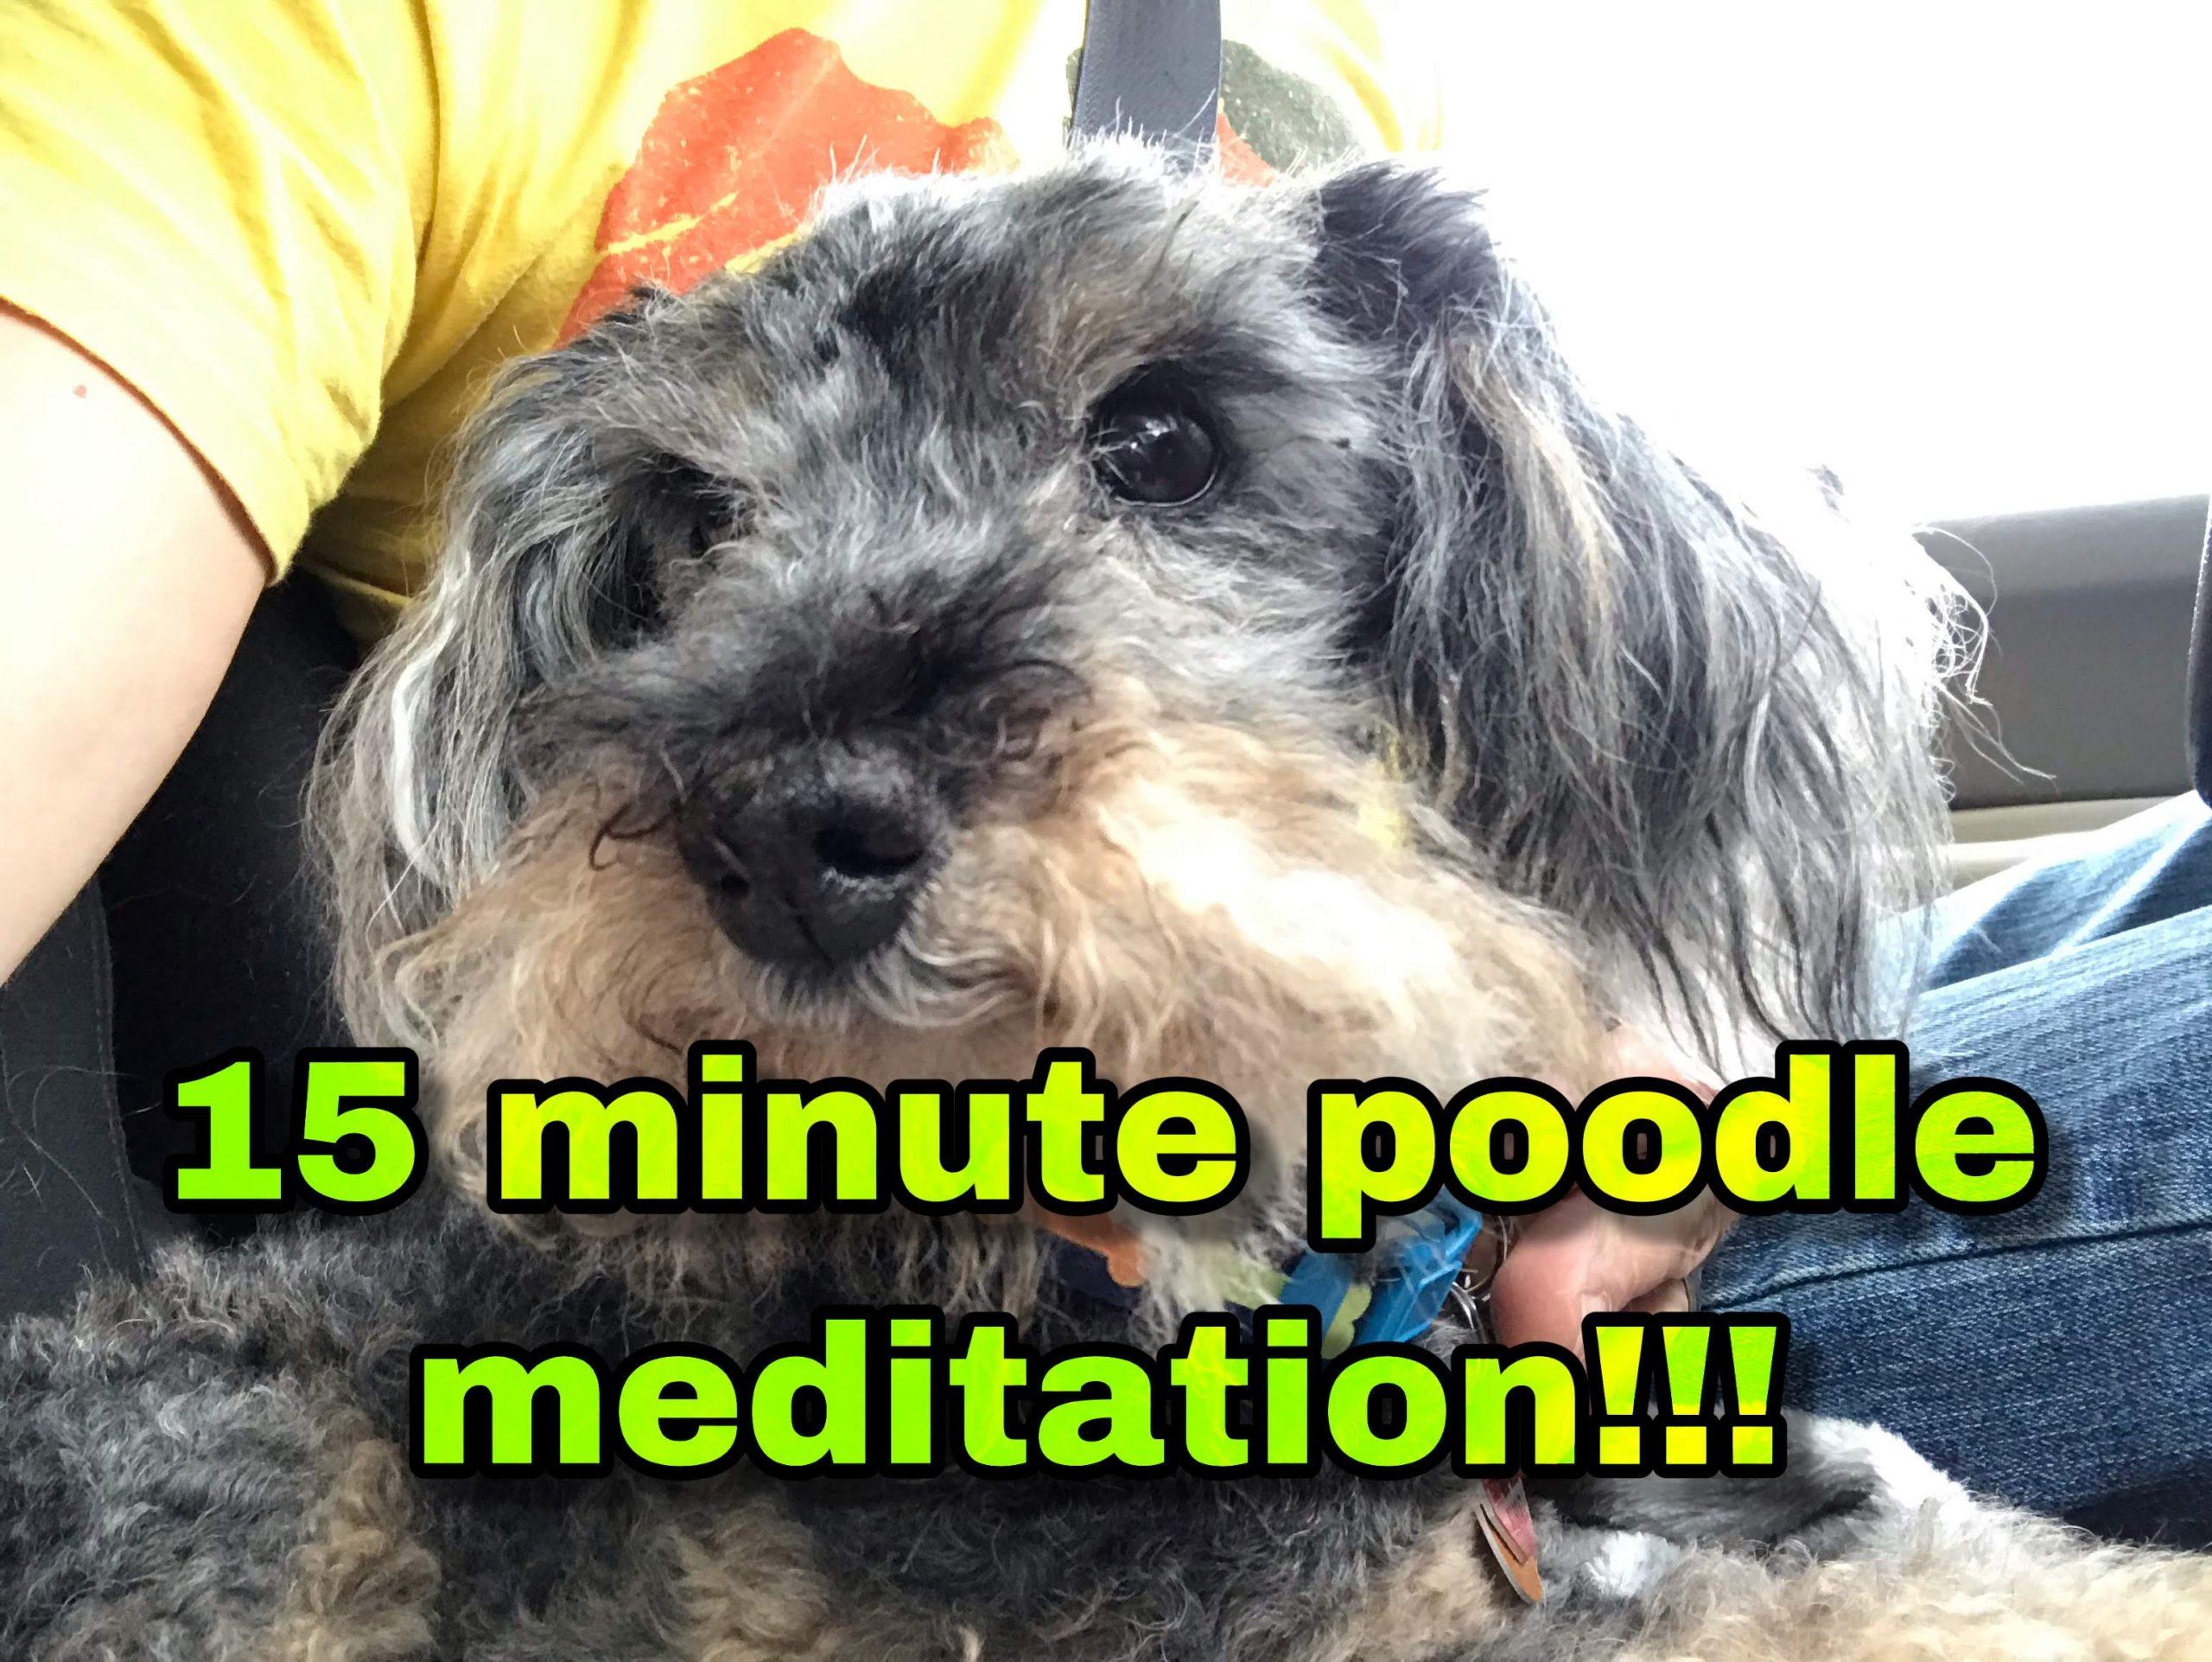 15 minute poodle meditation video